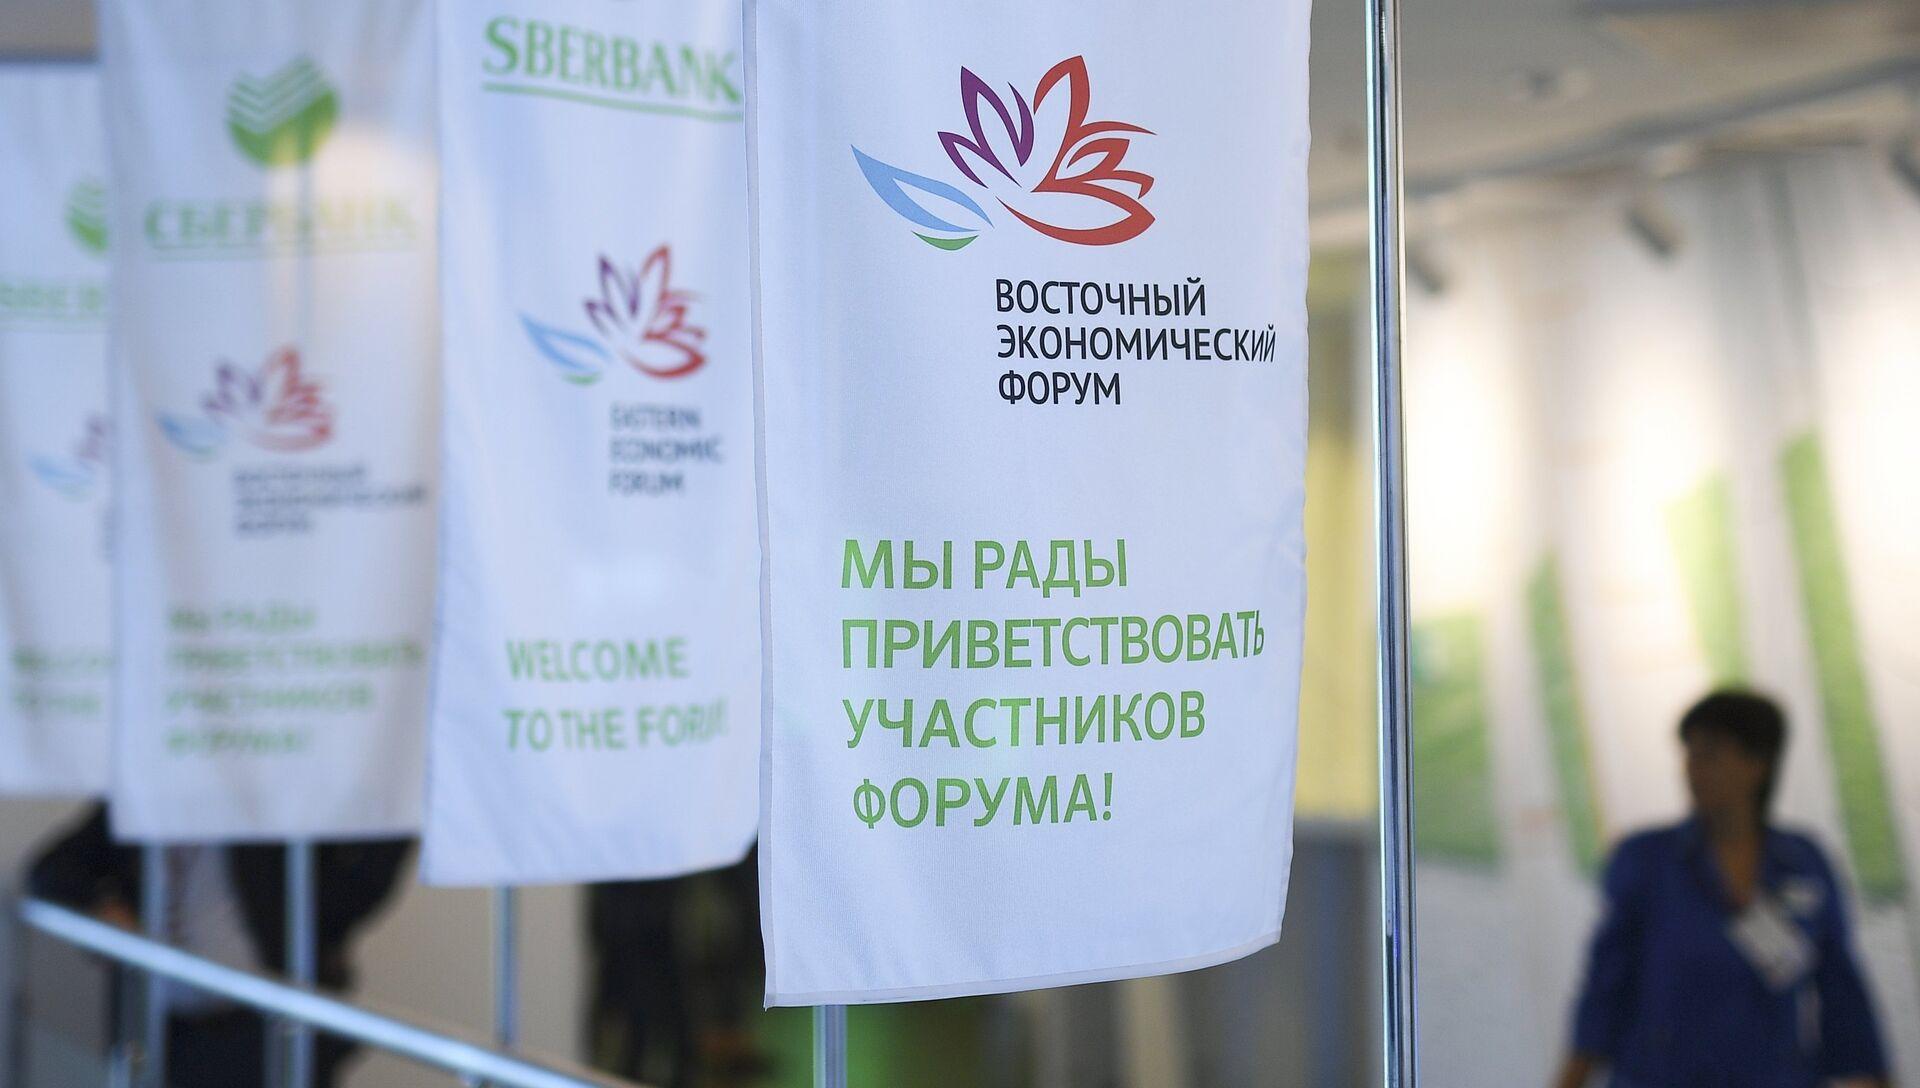 Логотипы ВЭФ на площадке IV Восточного экономического форума во Владивостоке - РИА Новости, 1920, 11.09.2018